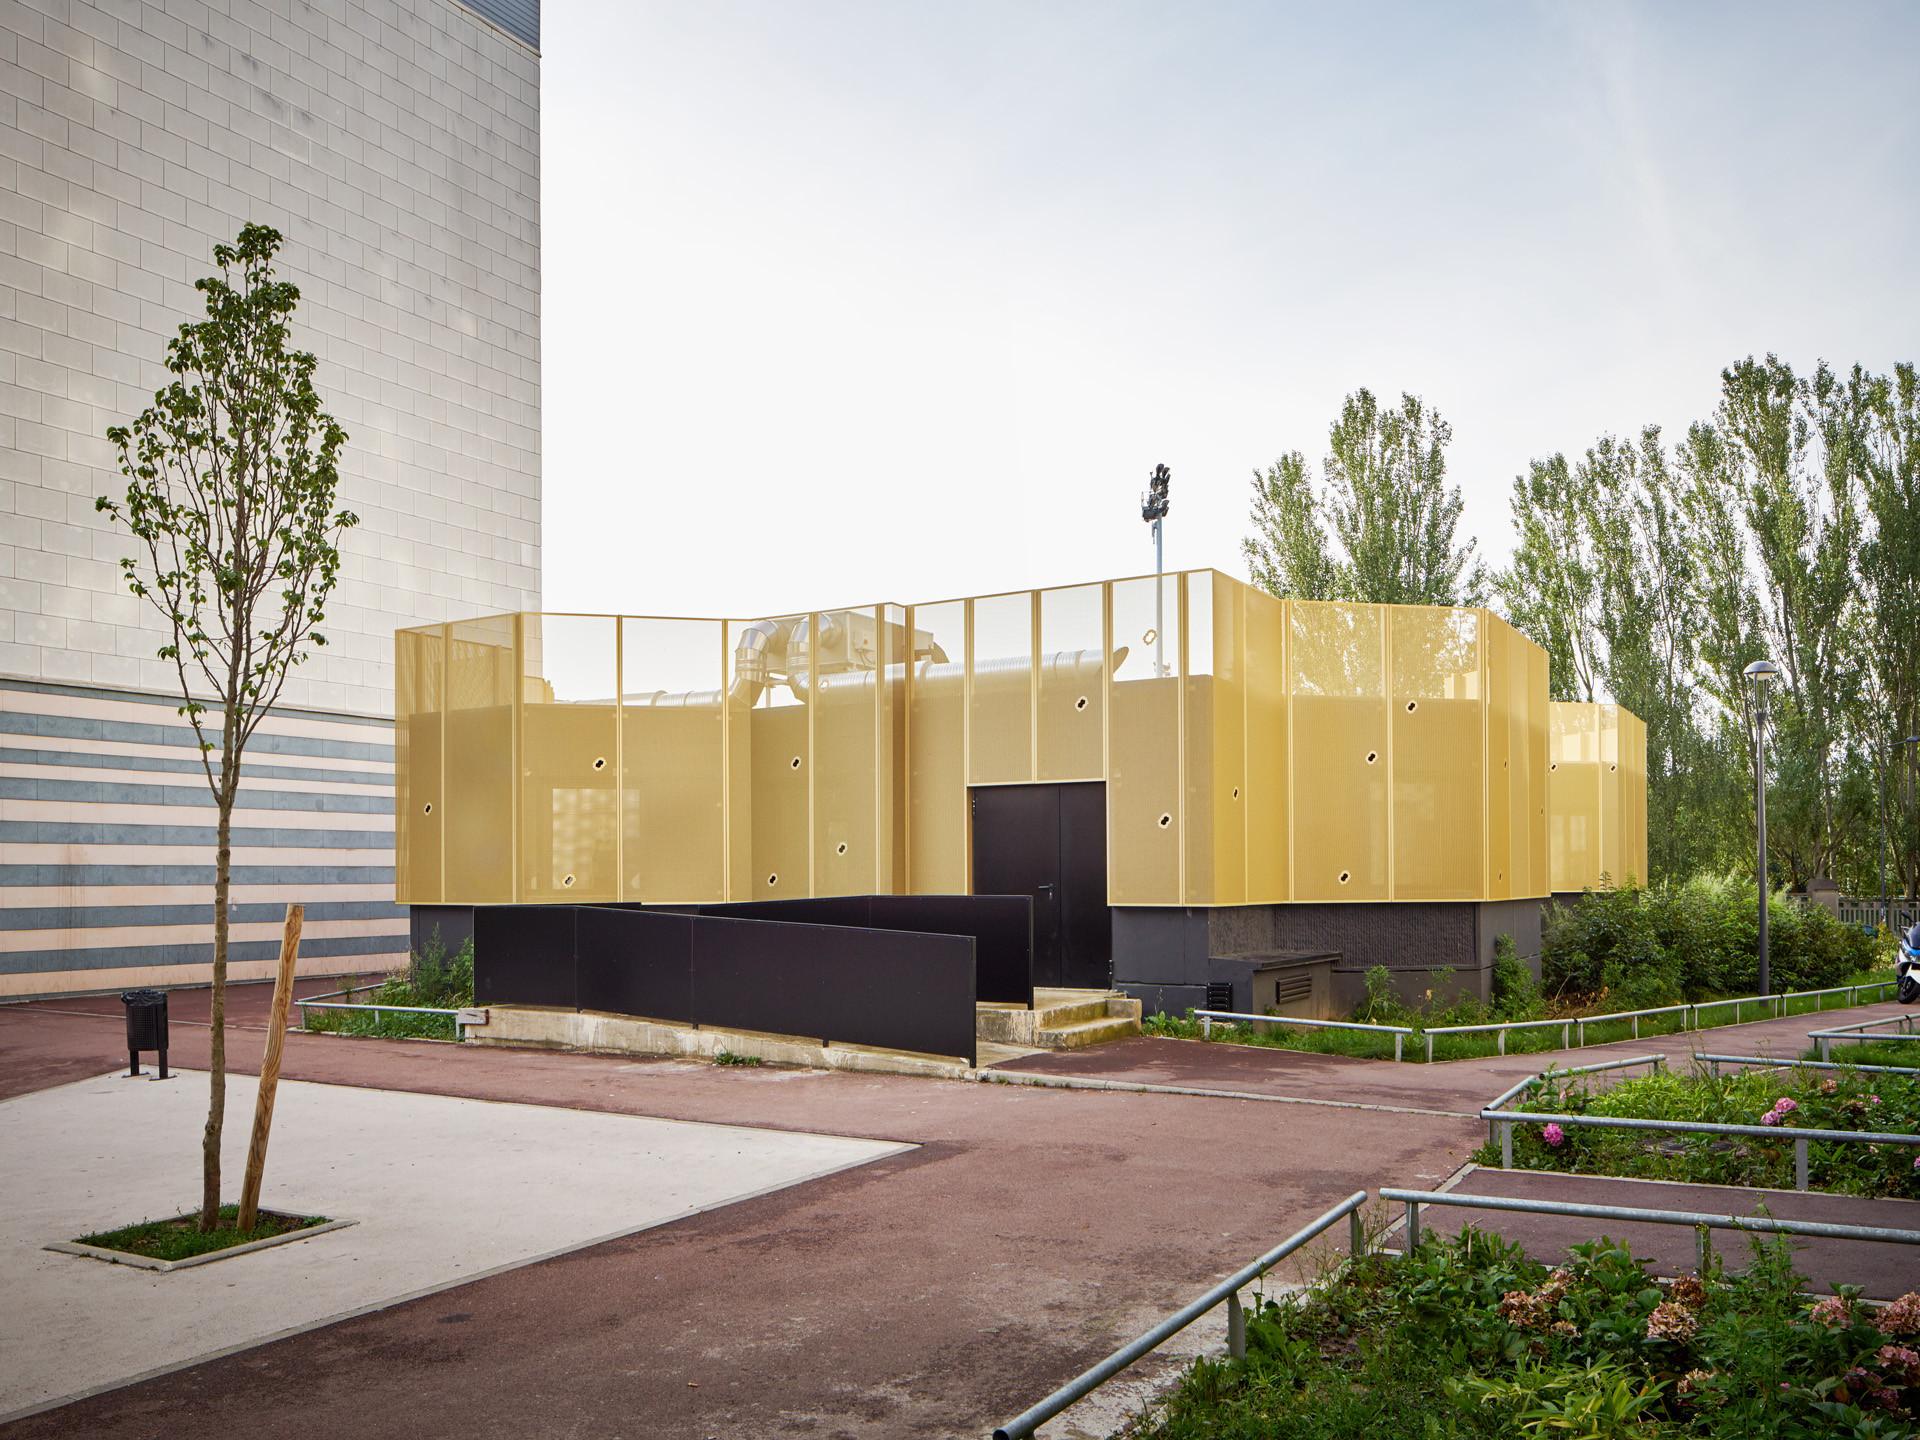 centro comunitario clec montreuil cut architectures plataforma arquitectura. Black Bedroom Furniture Sets. Home Design Ideas